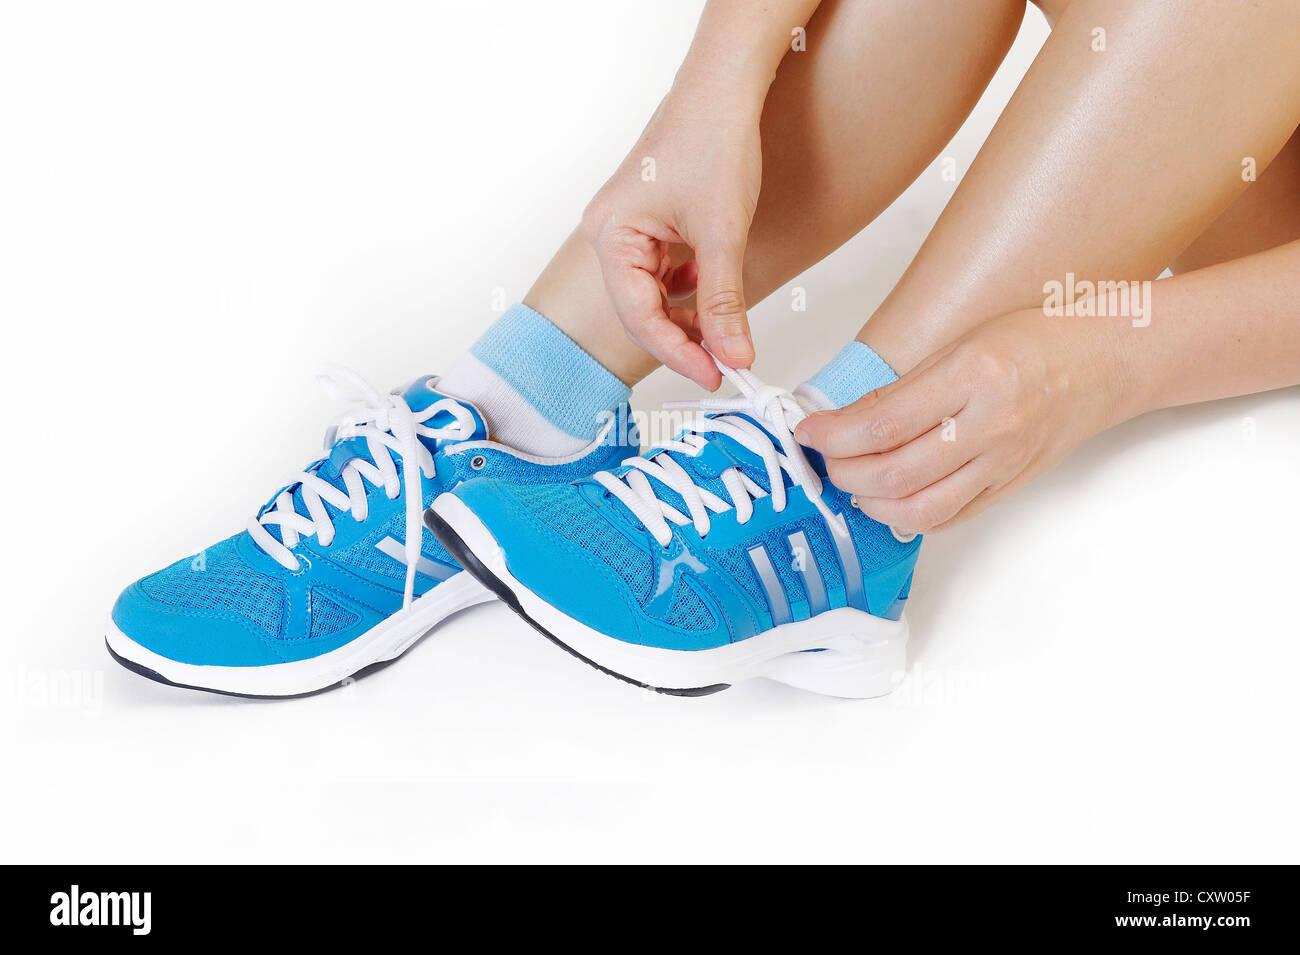 Atleta ragazza cercando scarpe da corsa Immagini Stock